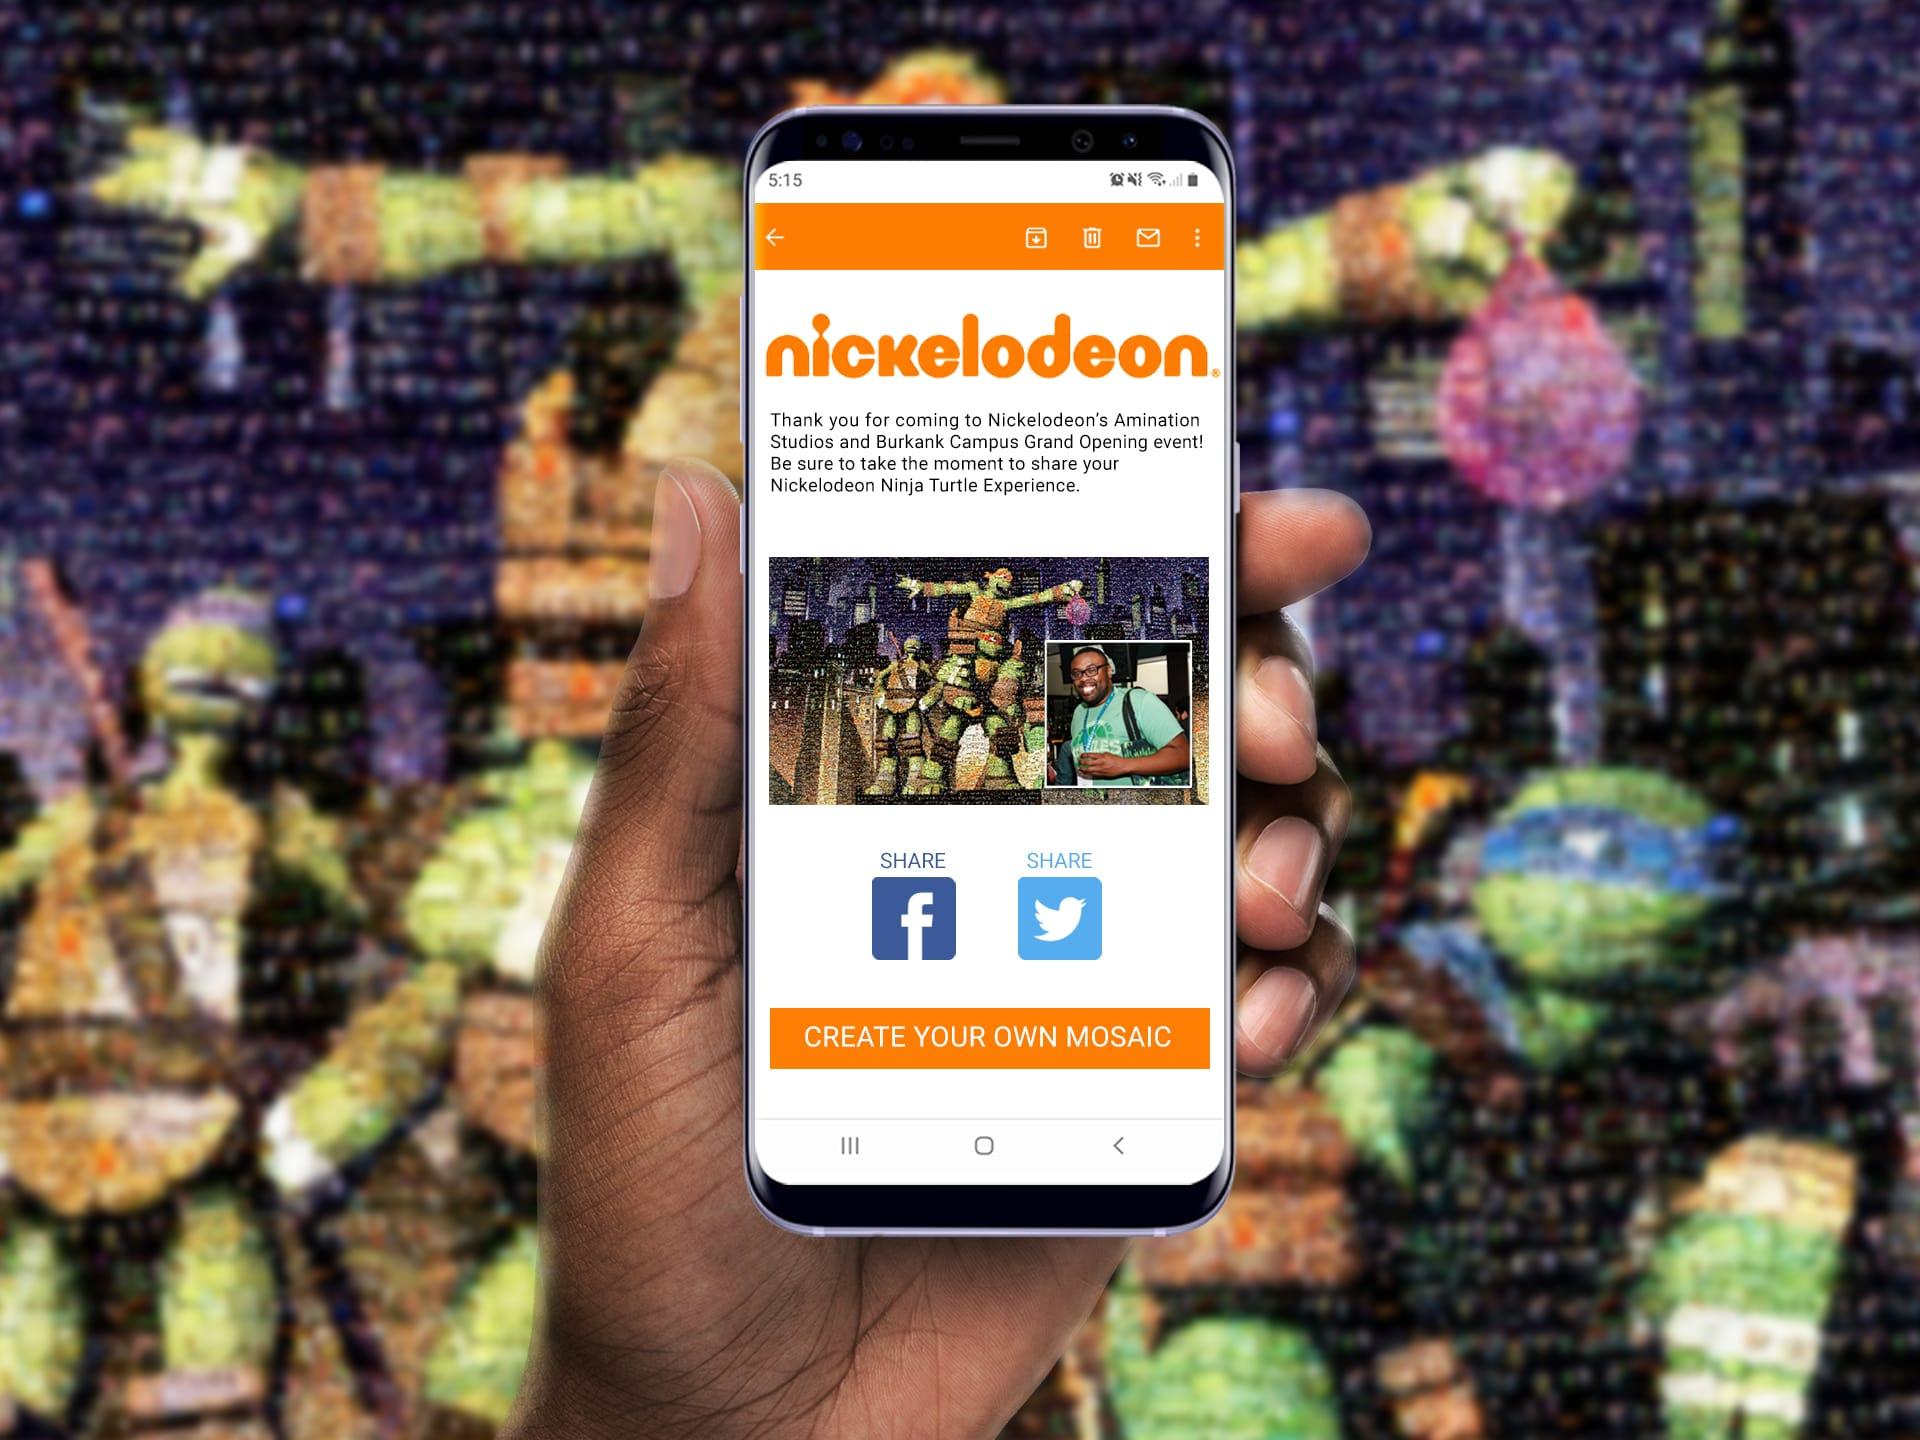 Nickelodeon Animation Studio Burbank Grand Opening